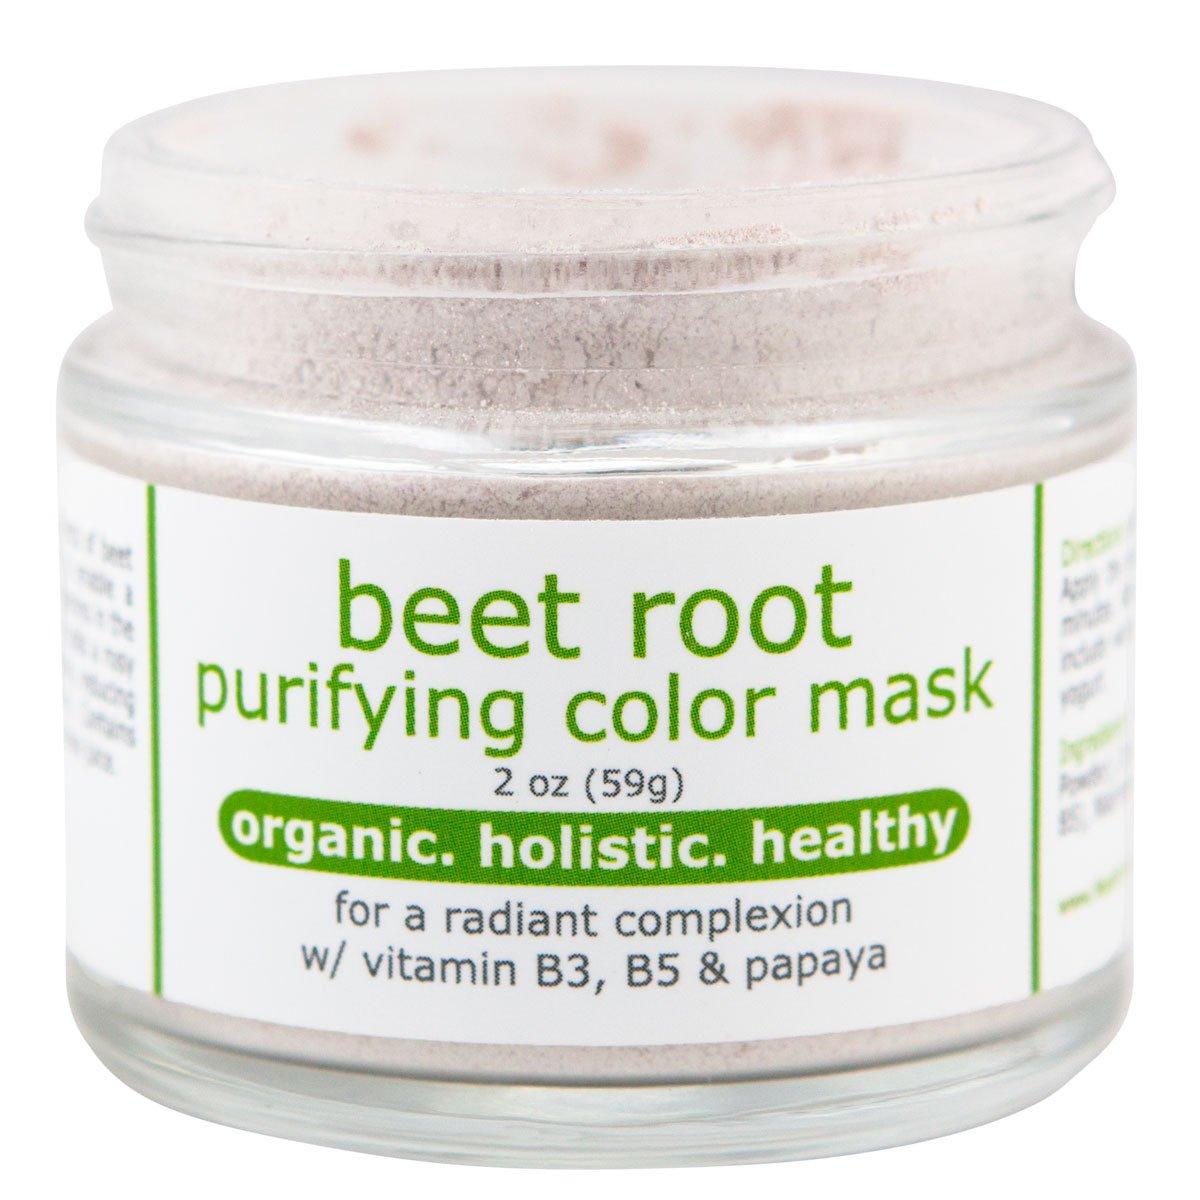 Amazon.com: Remolacha máscara de purificación color con ...